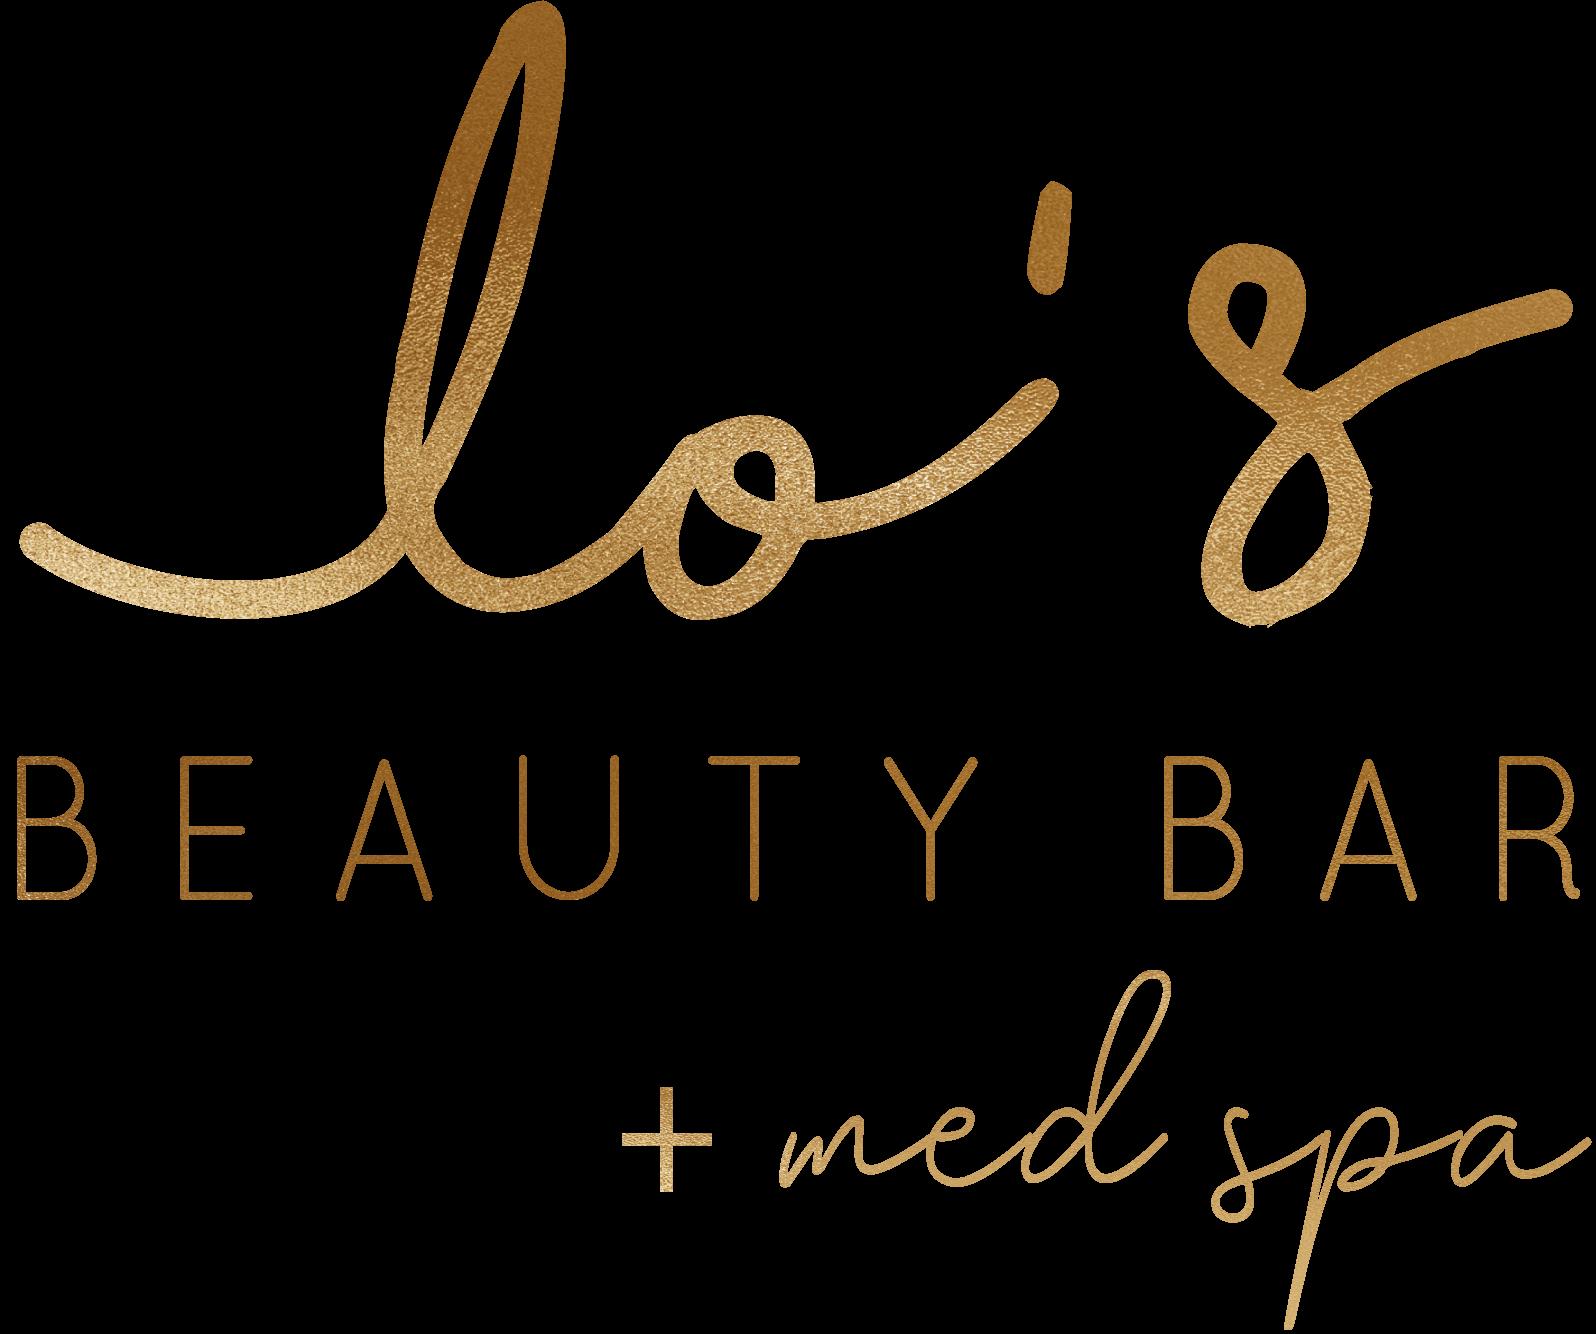 Lo's Beauty Bar + Med Spa